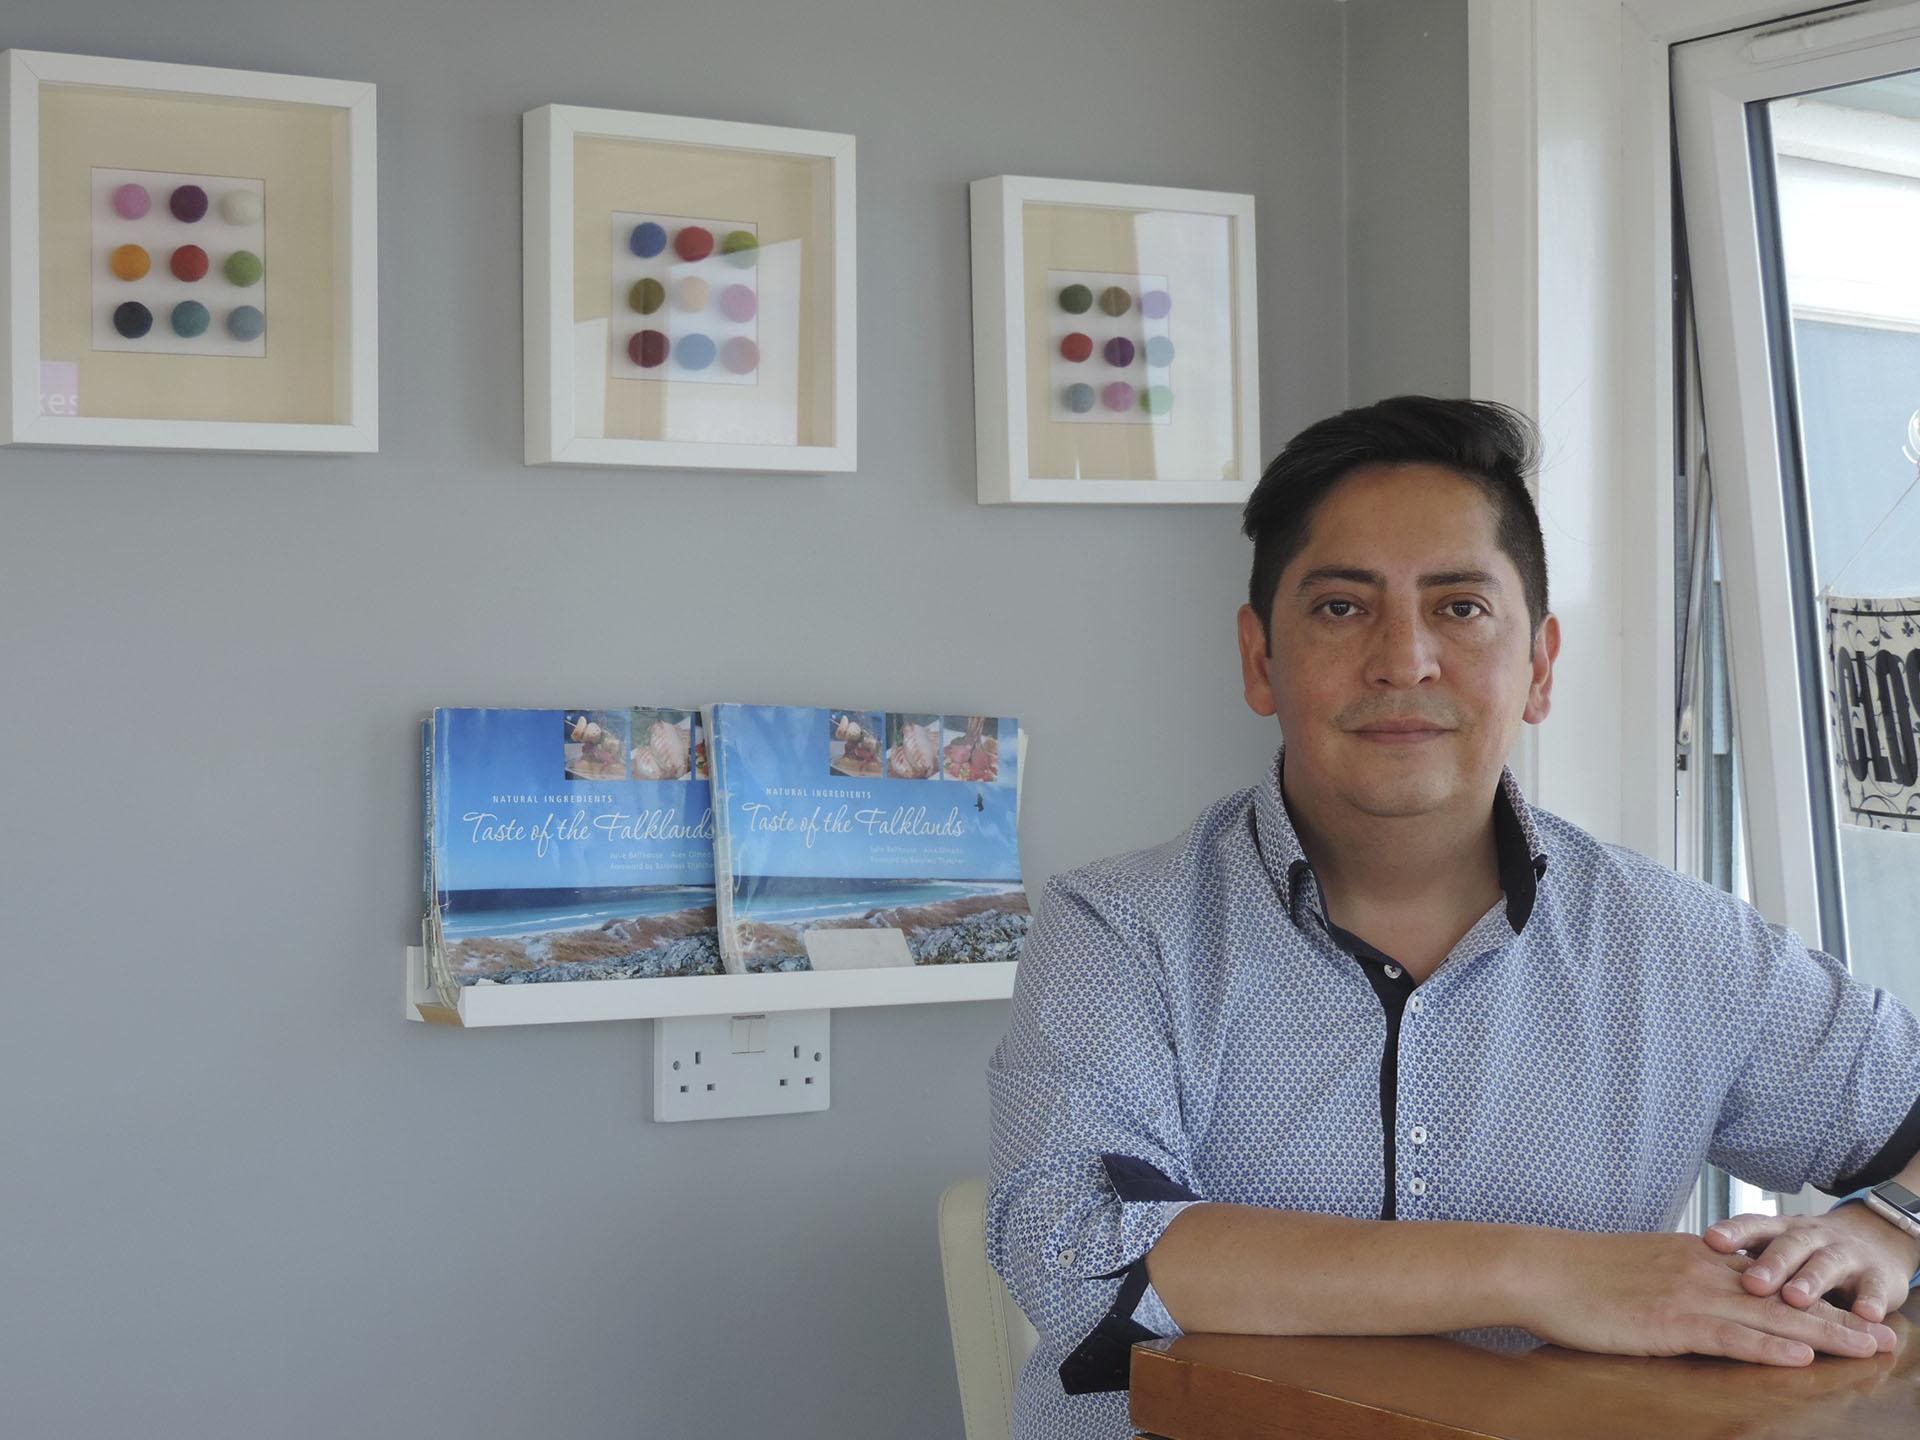 Alex Olmedo nació en Chile y se nacionalizó británico. Se instaló en las islas hacevarias décadas. Trabaja como chef y es dueño de una hostería-boutique.